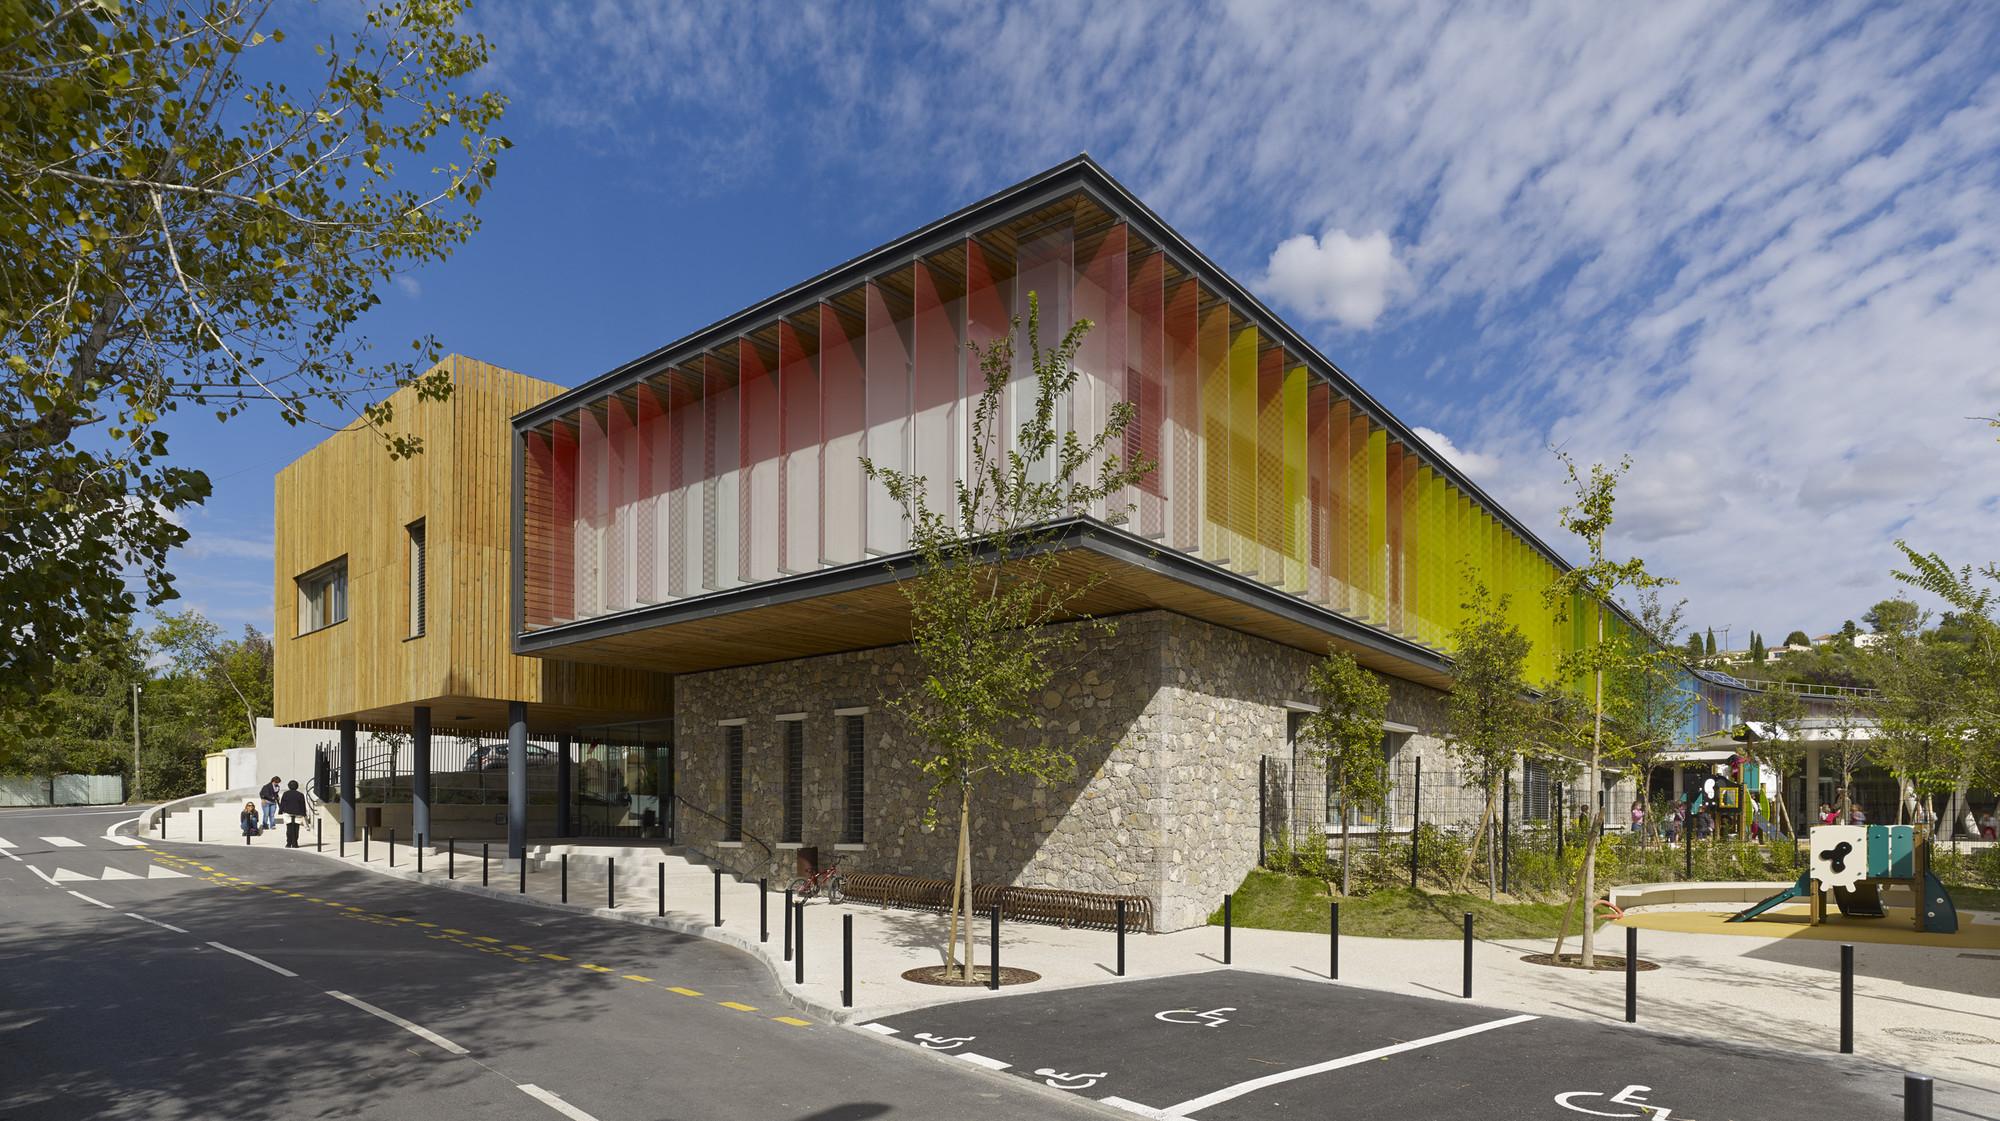 La Colle sur Loup / Agence d'architecture Boyer-Percheron-Assus et Associé, Courtesy of Agence d'architecture Boyer